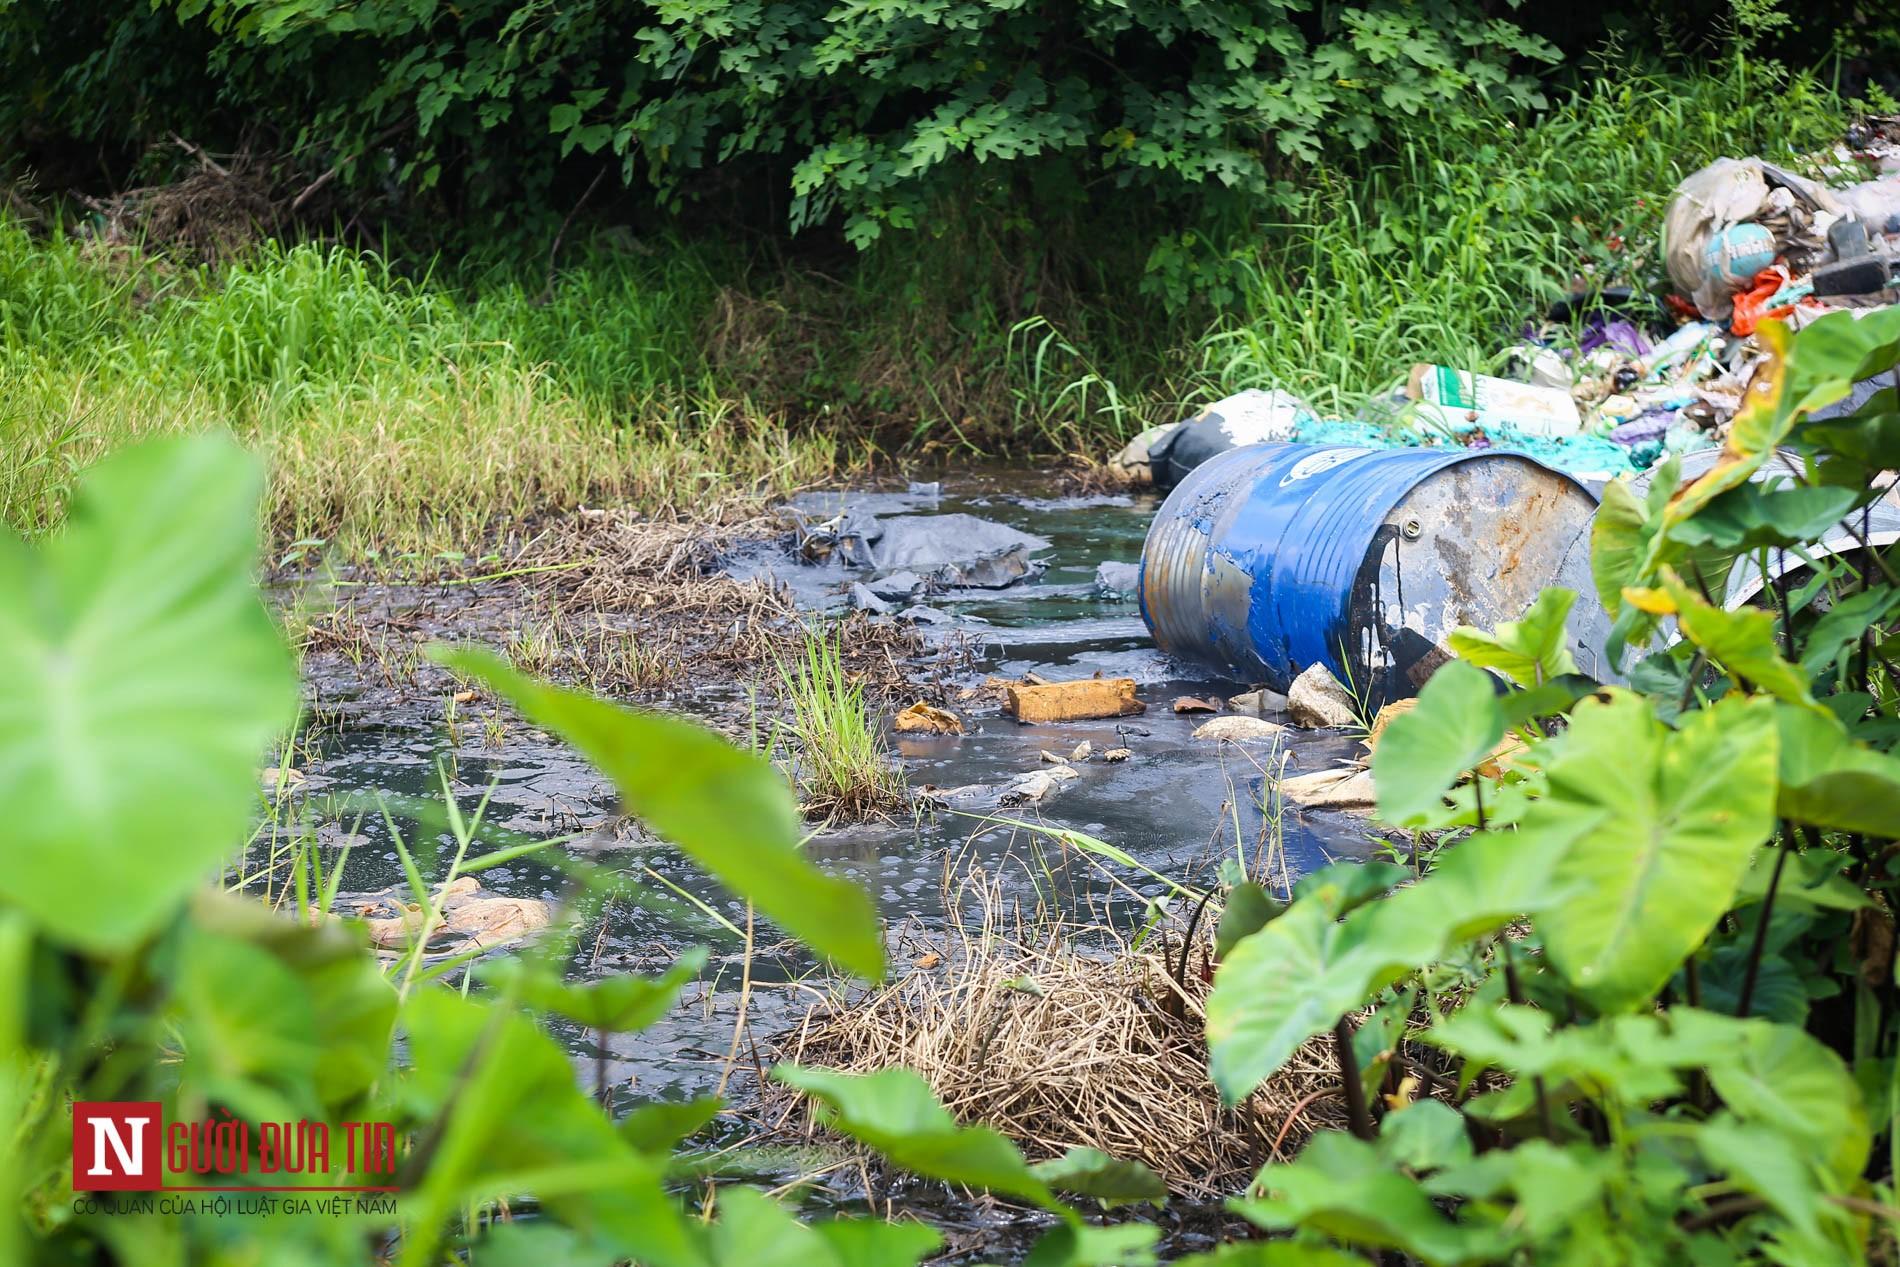 Hàng loạt thùng phuy nghi chứa hóa chất độc hại bị đổ trộm ra Đại lộ Thăng Long - Ảnh 3